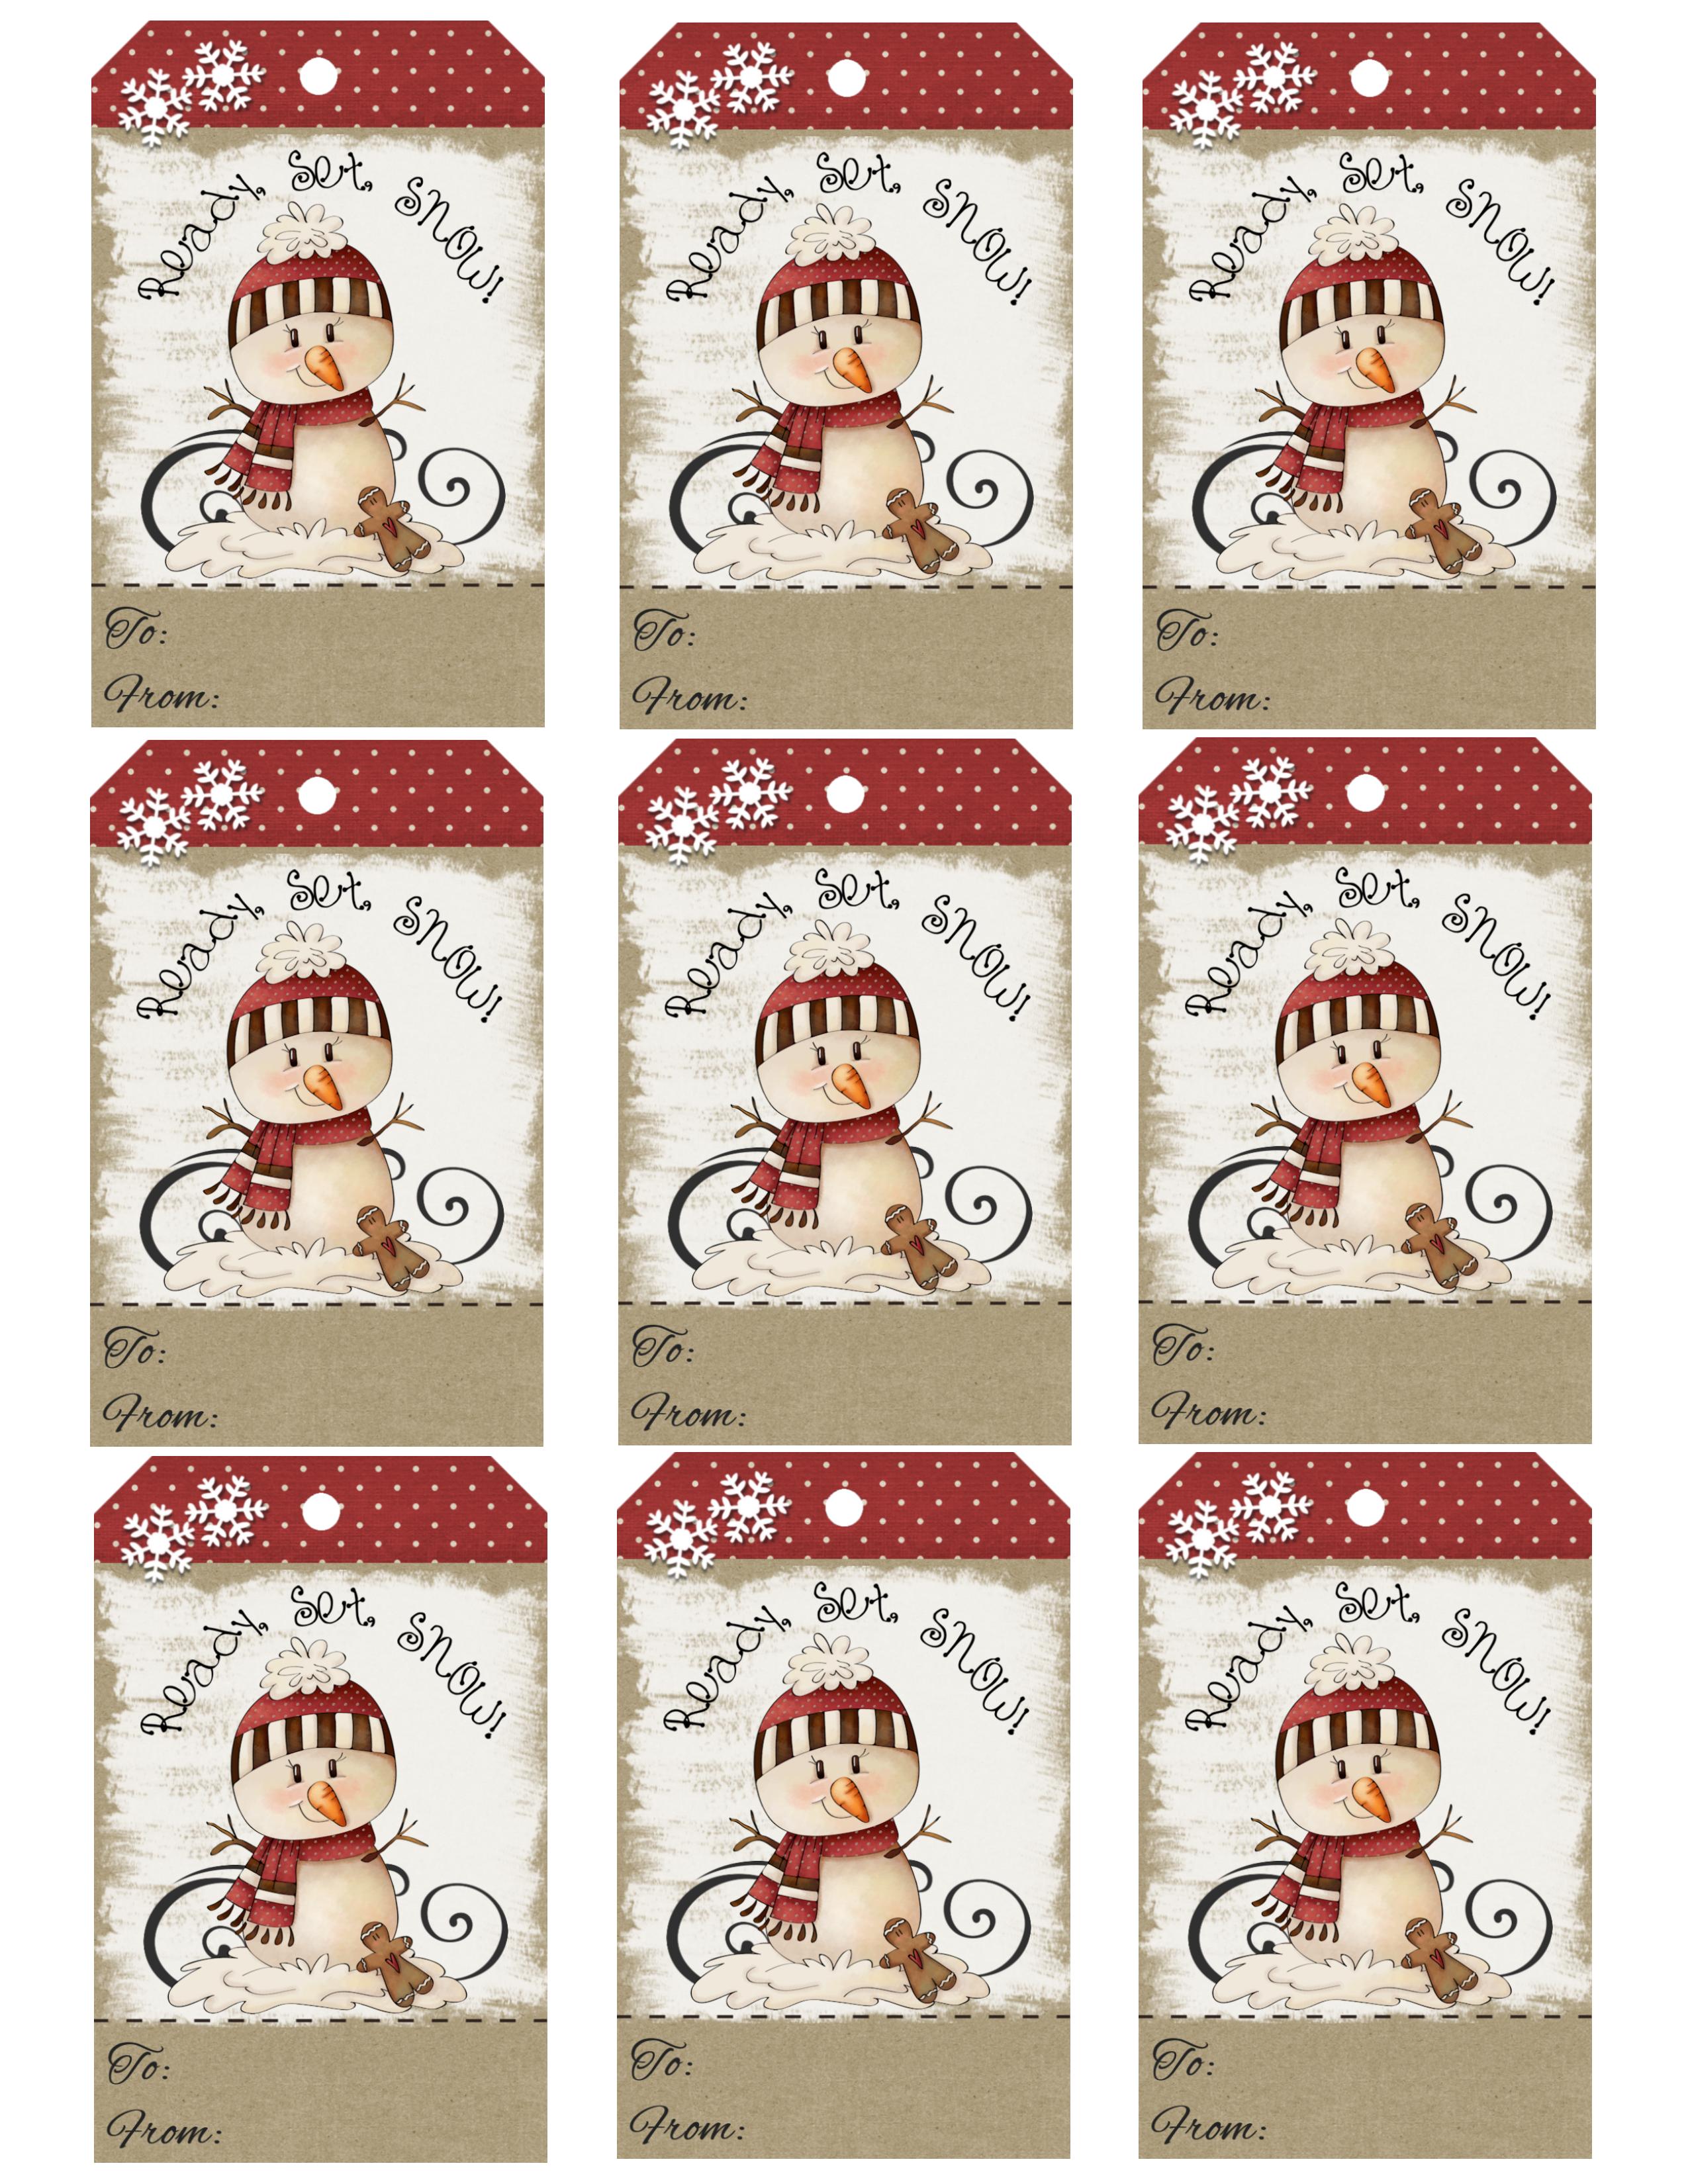 Diy free printable cartoon christmas tags free printable cookies for santa box negle Image collections